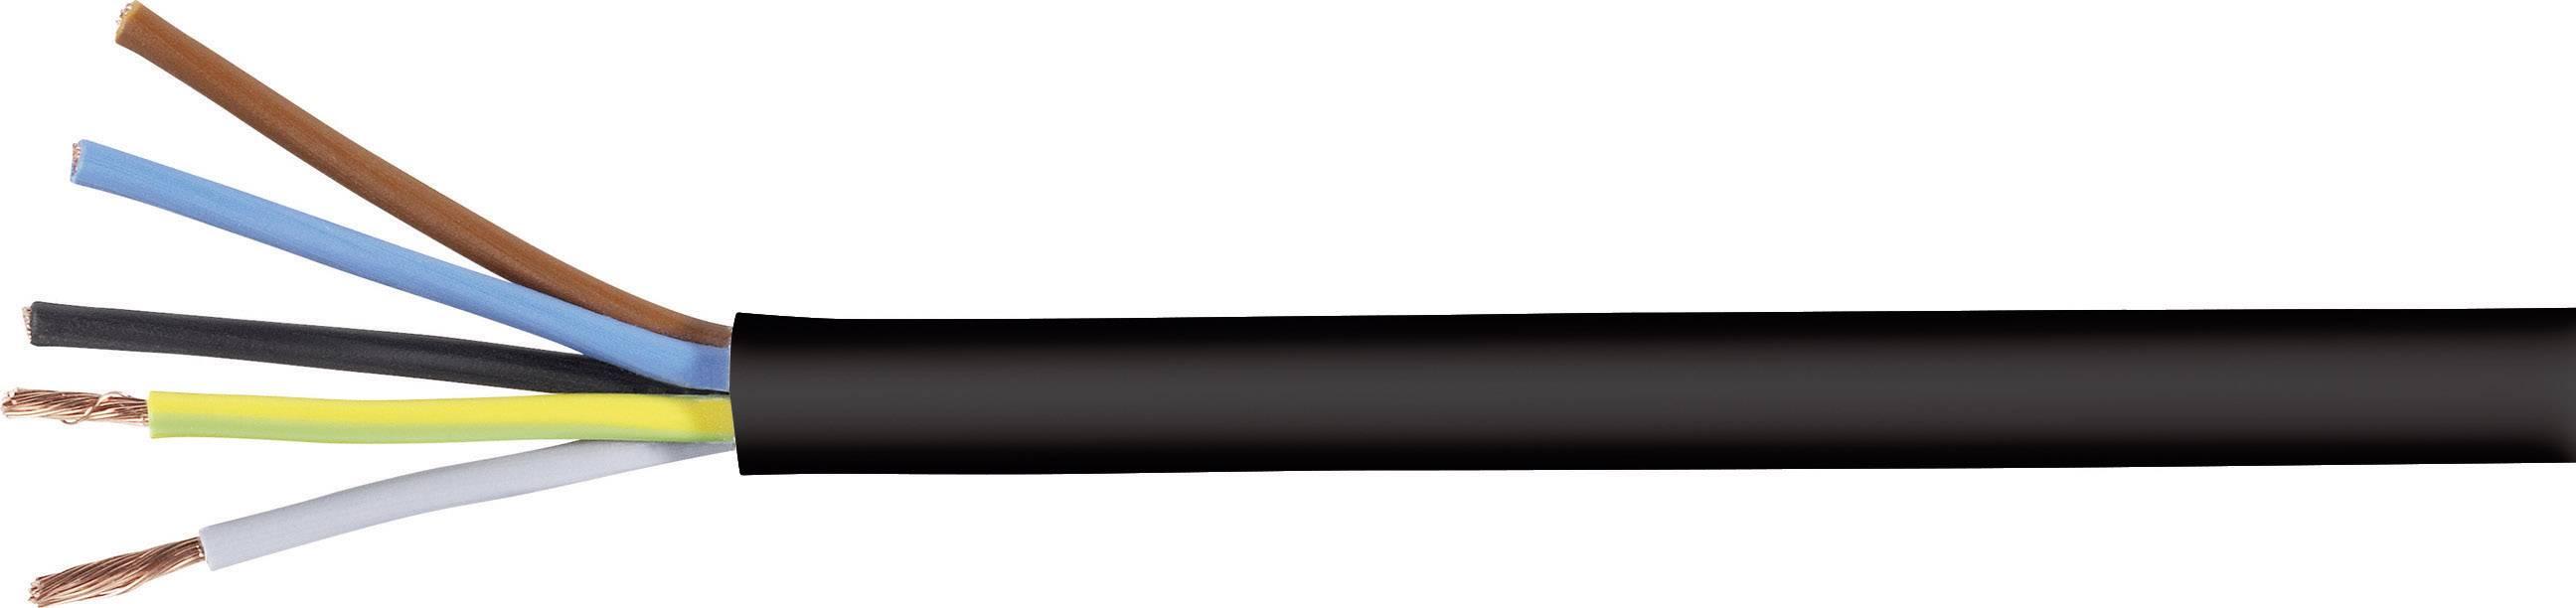 Vícežílový kabel LappKabel H05VV-F, 3028243, 5 G 2.50 mm², černá, metrové zboží